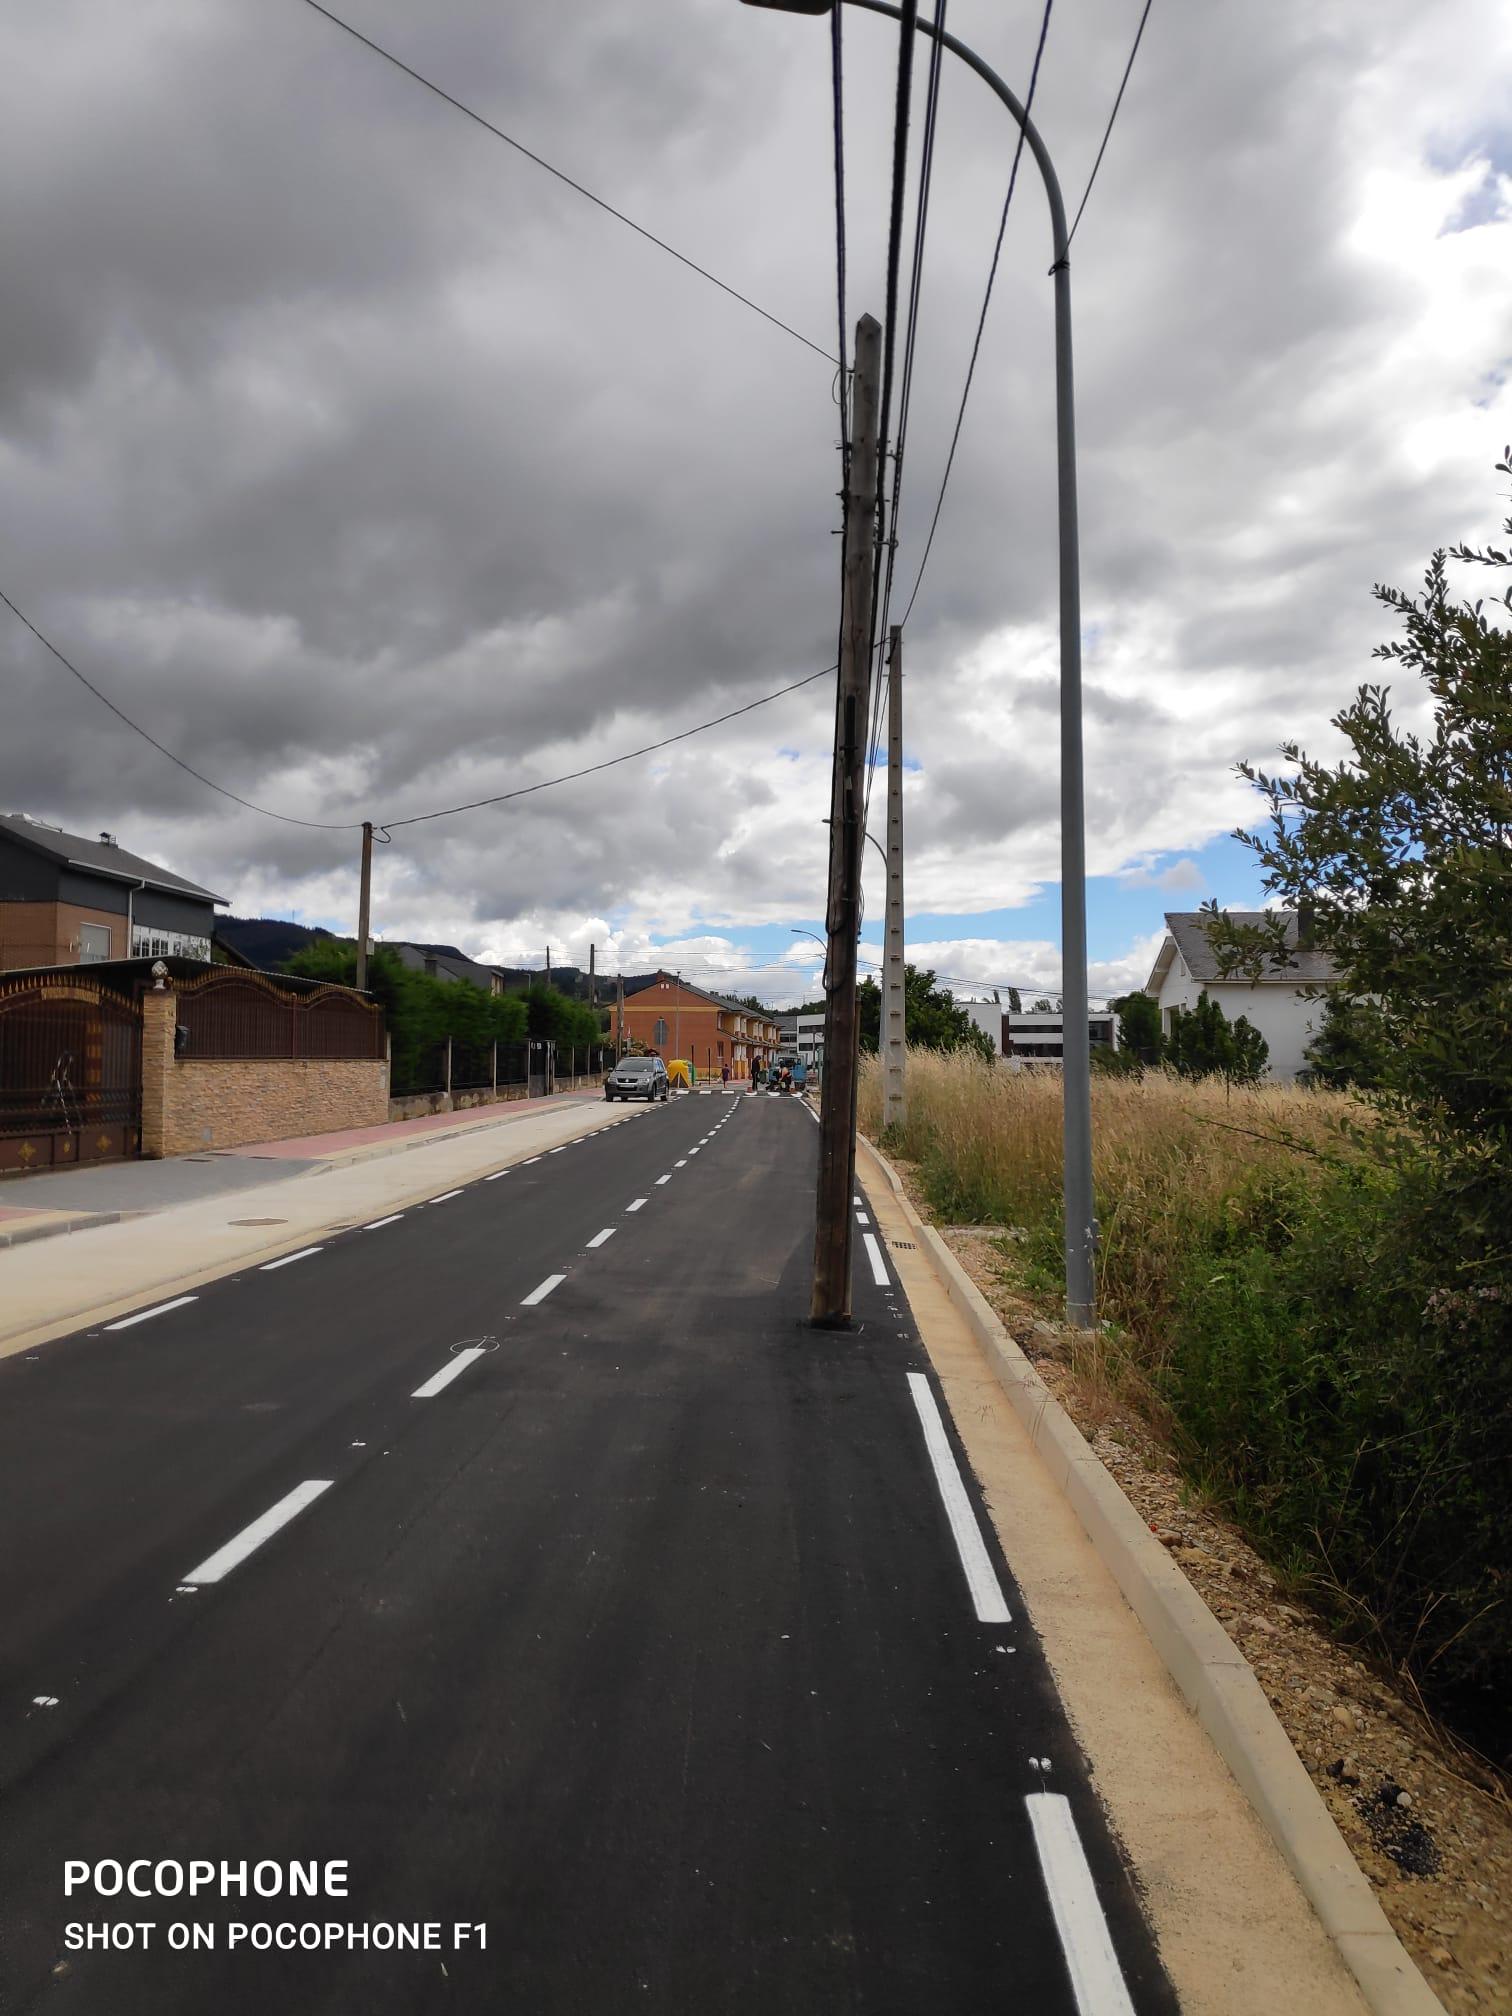 La compañía Telefónica mantiene dos postes de comunicaciones en calles urbanizadas de Cubillos del Sil sin aportar soluciones para su eliminación 2